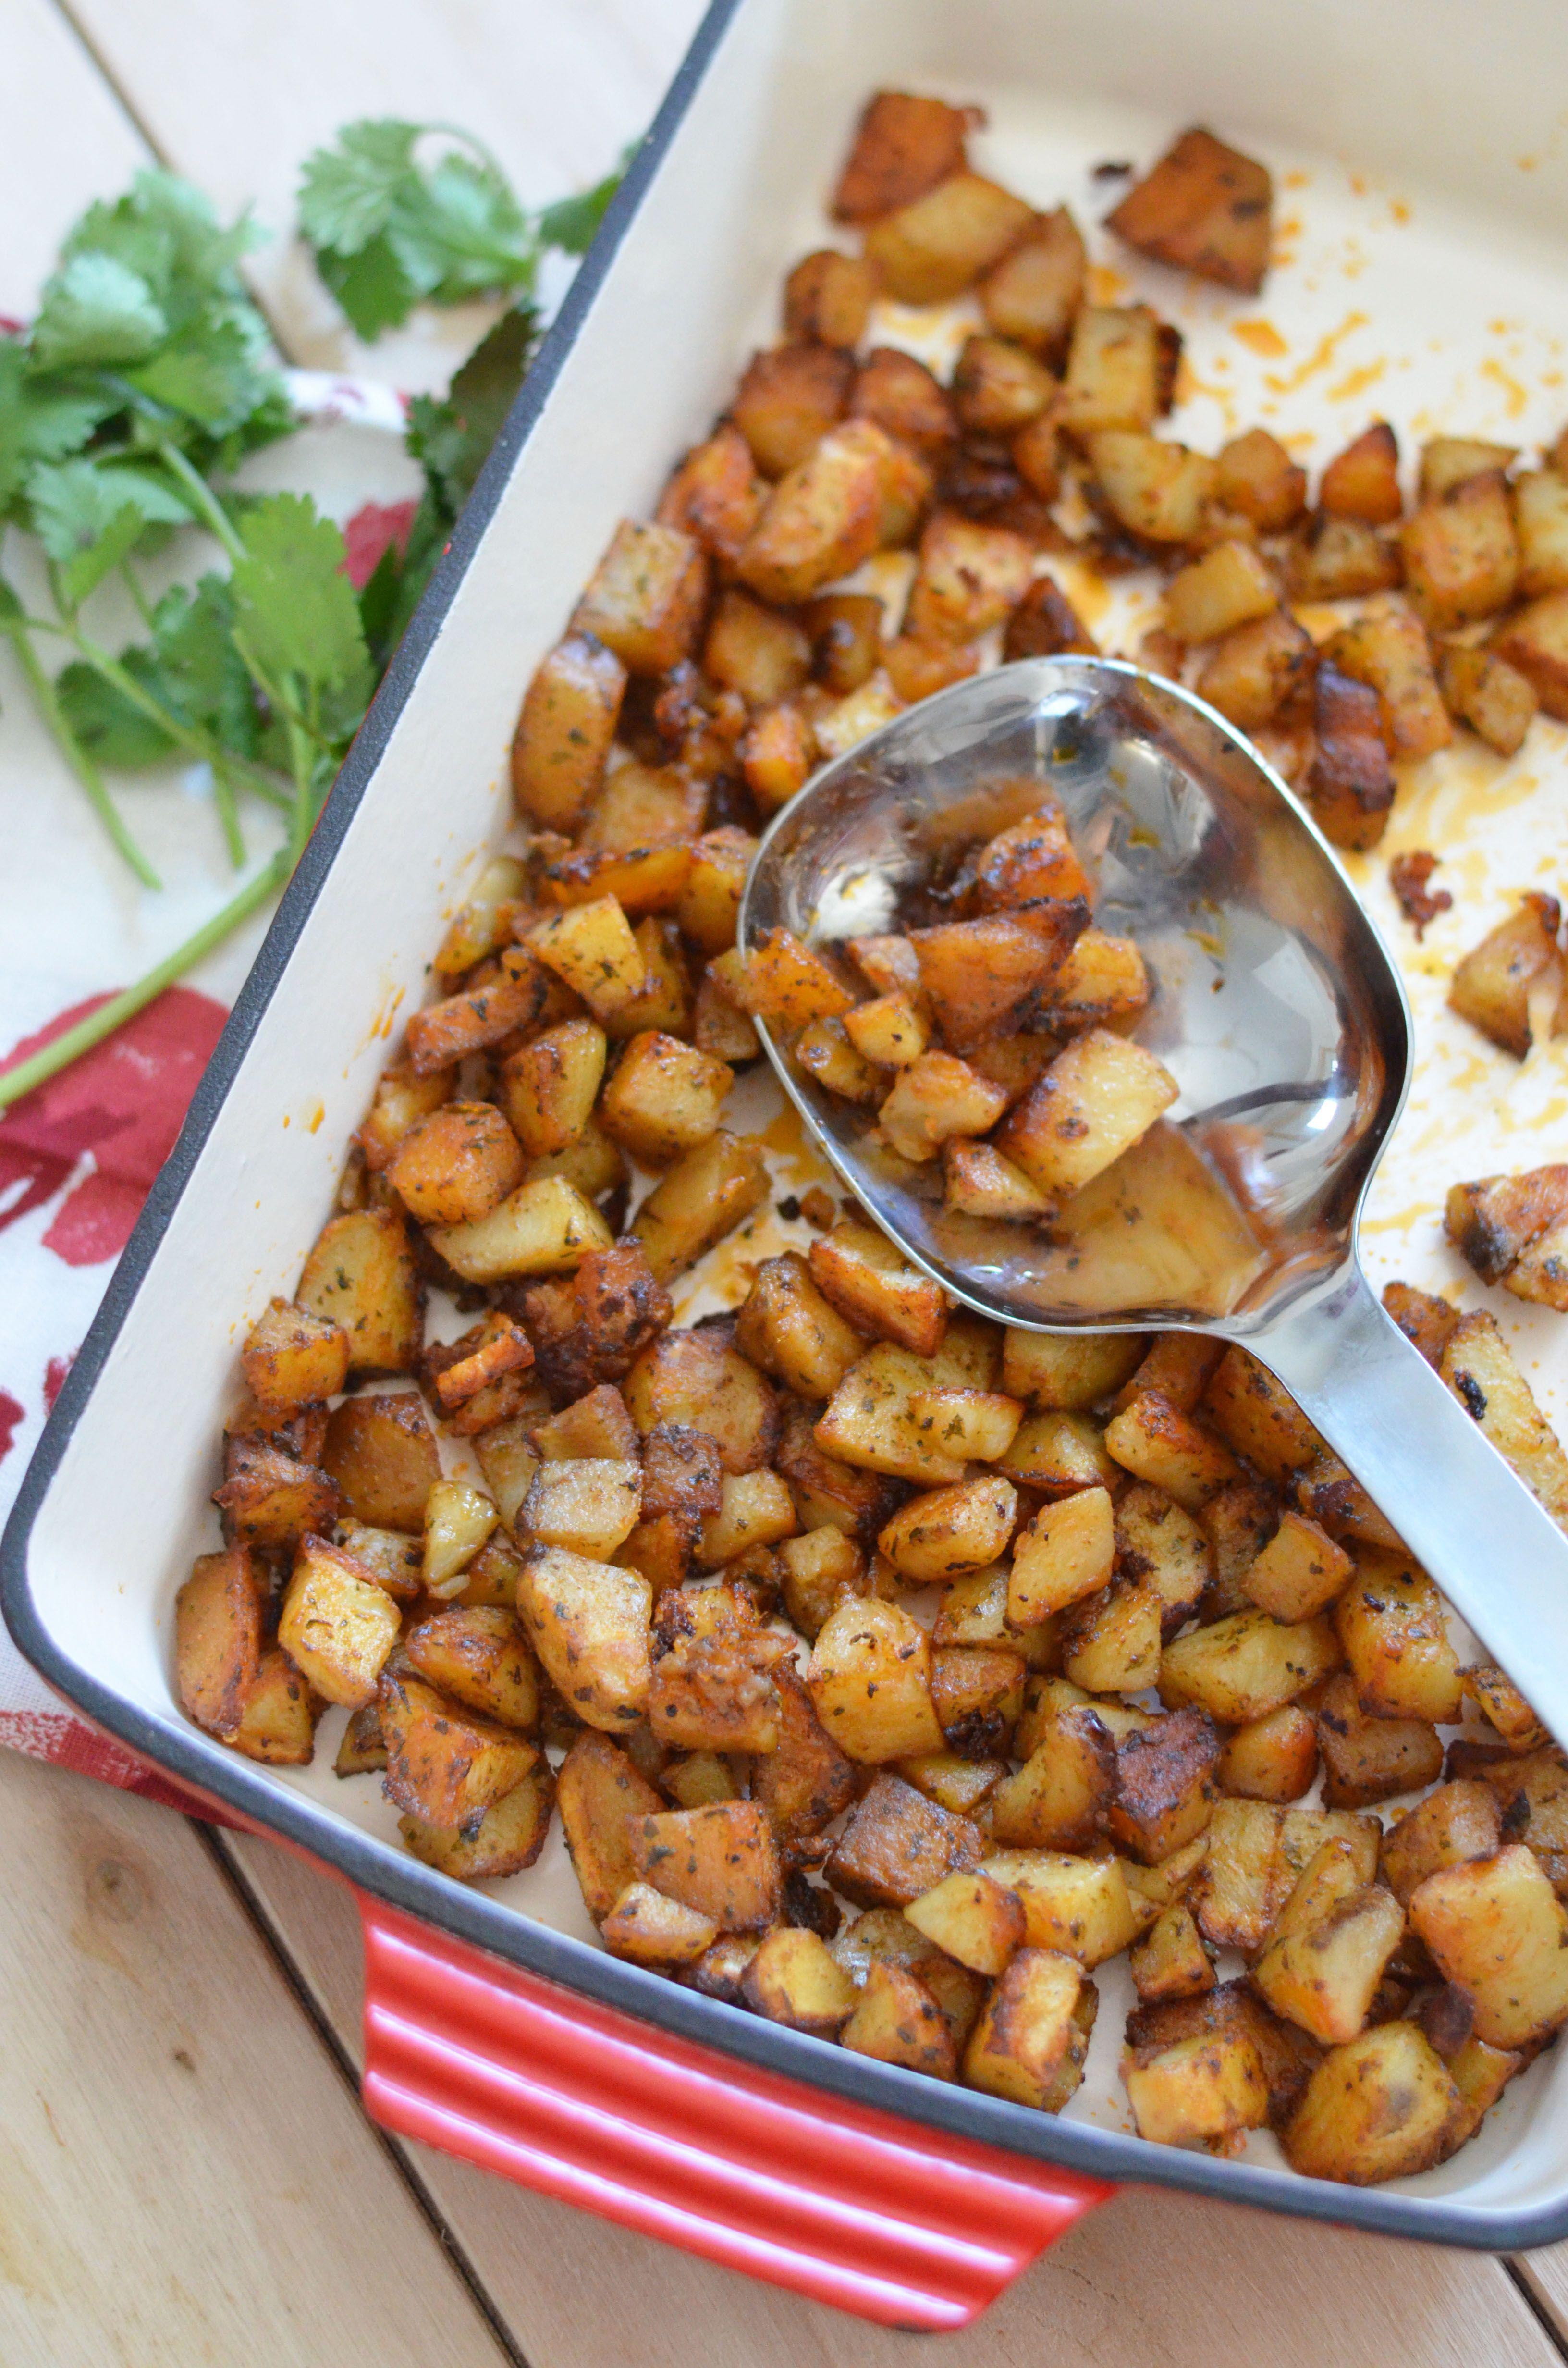 die besten 25 potatoes in oven ideen auf pinterest ofenkartoffeln backofen ger stete. Black Bedroom Furniture Sets. Home Design Ideas